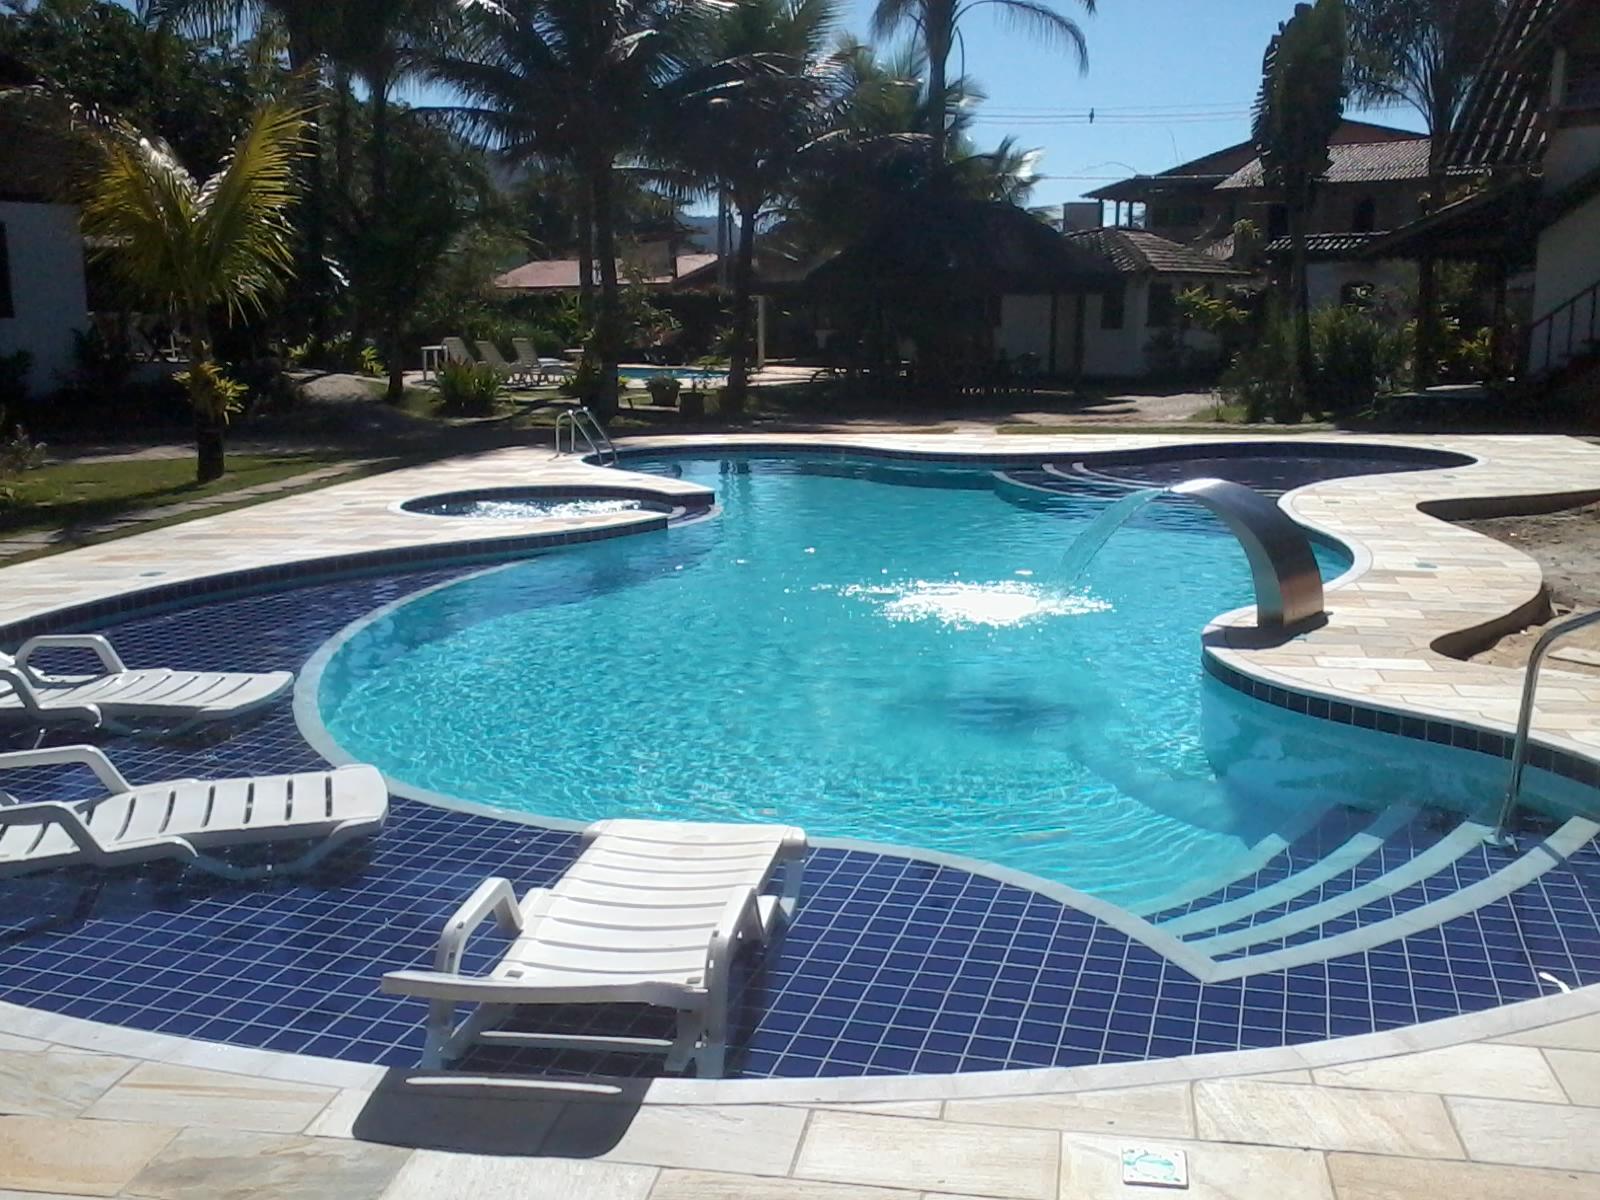 Piscina de concreto armado passo a passo - Azulejos para piscina ...